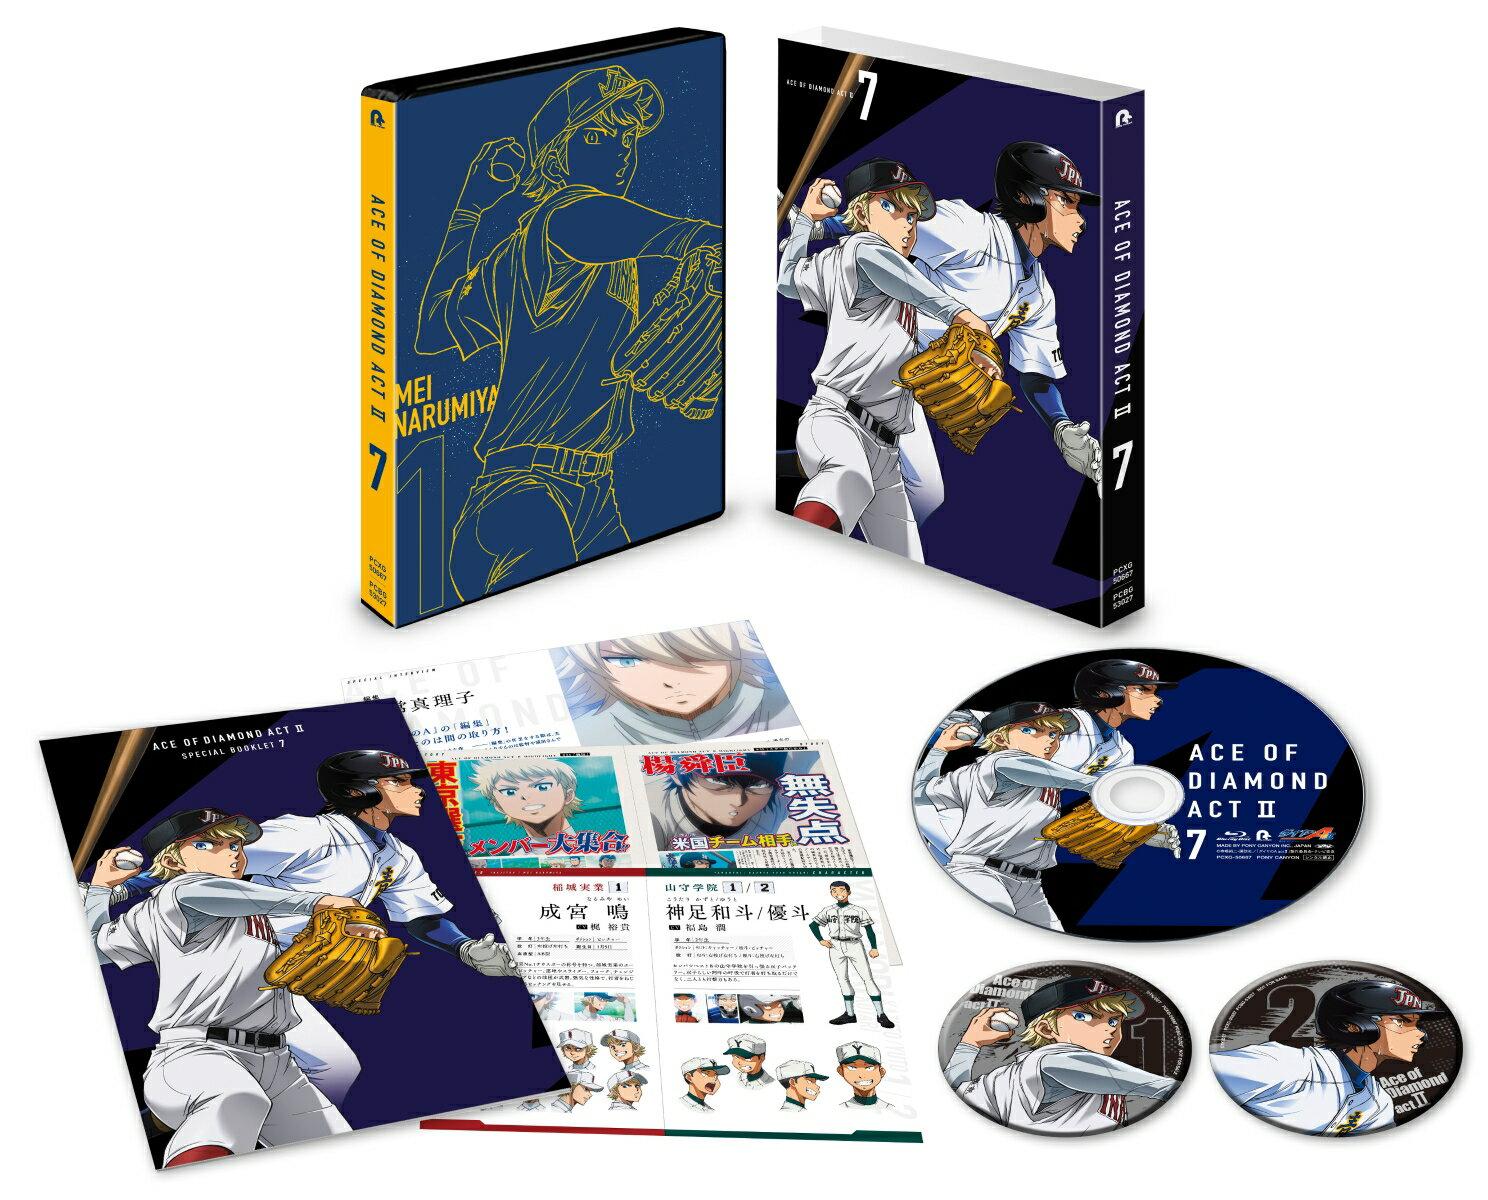 アニメ, キッズアニメ A actII Blu-ray Vol.7Blu-ray